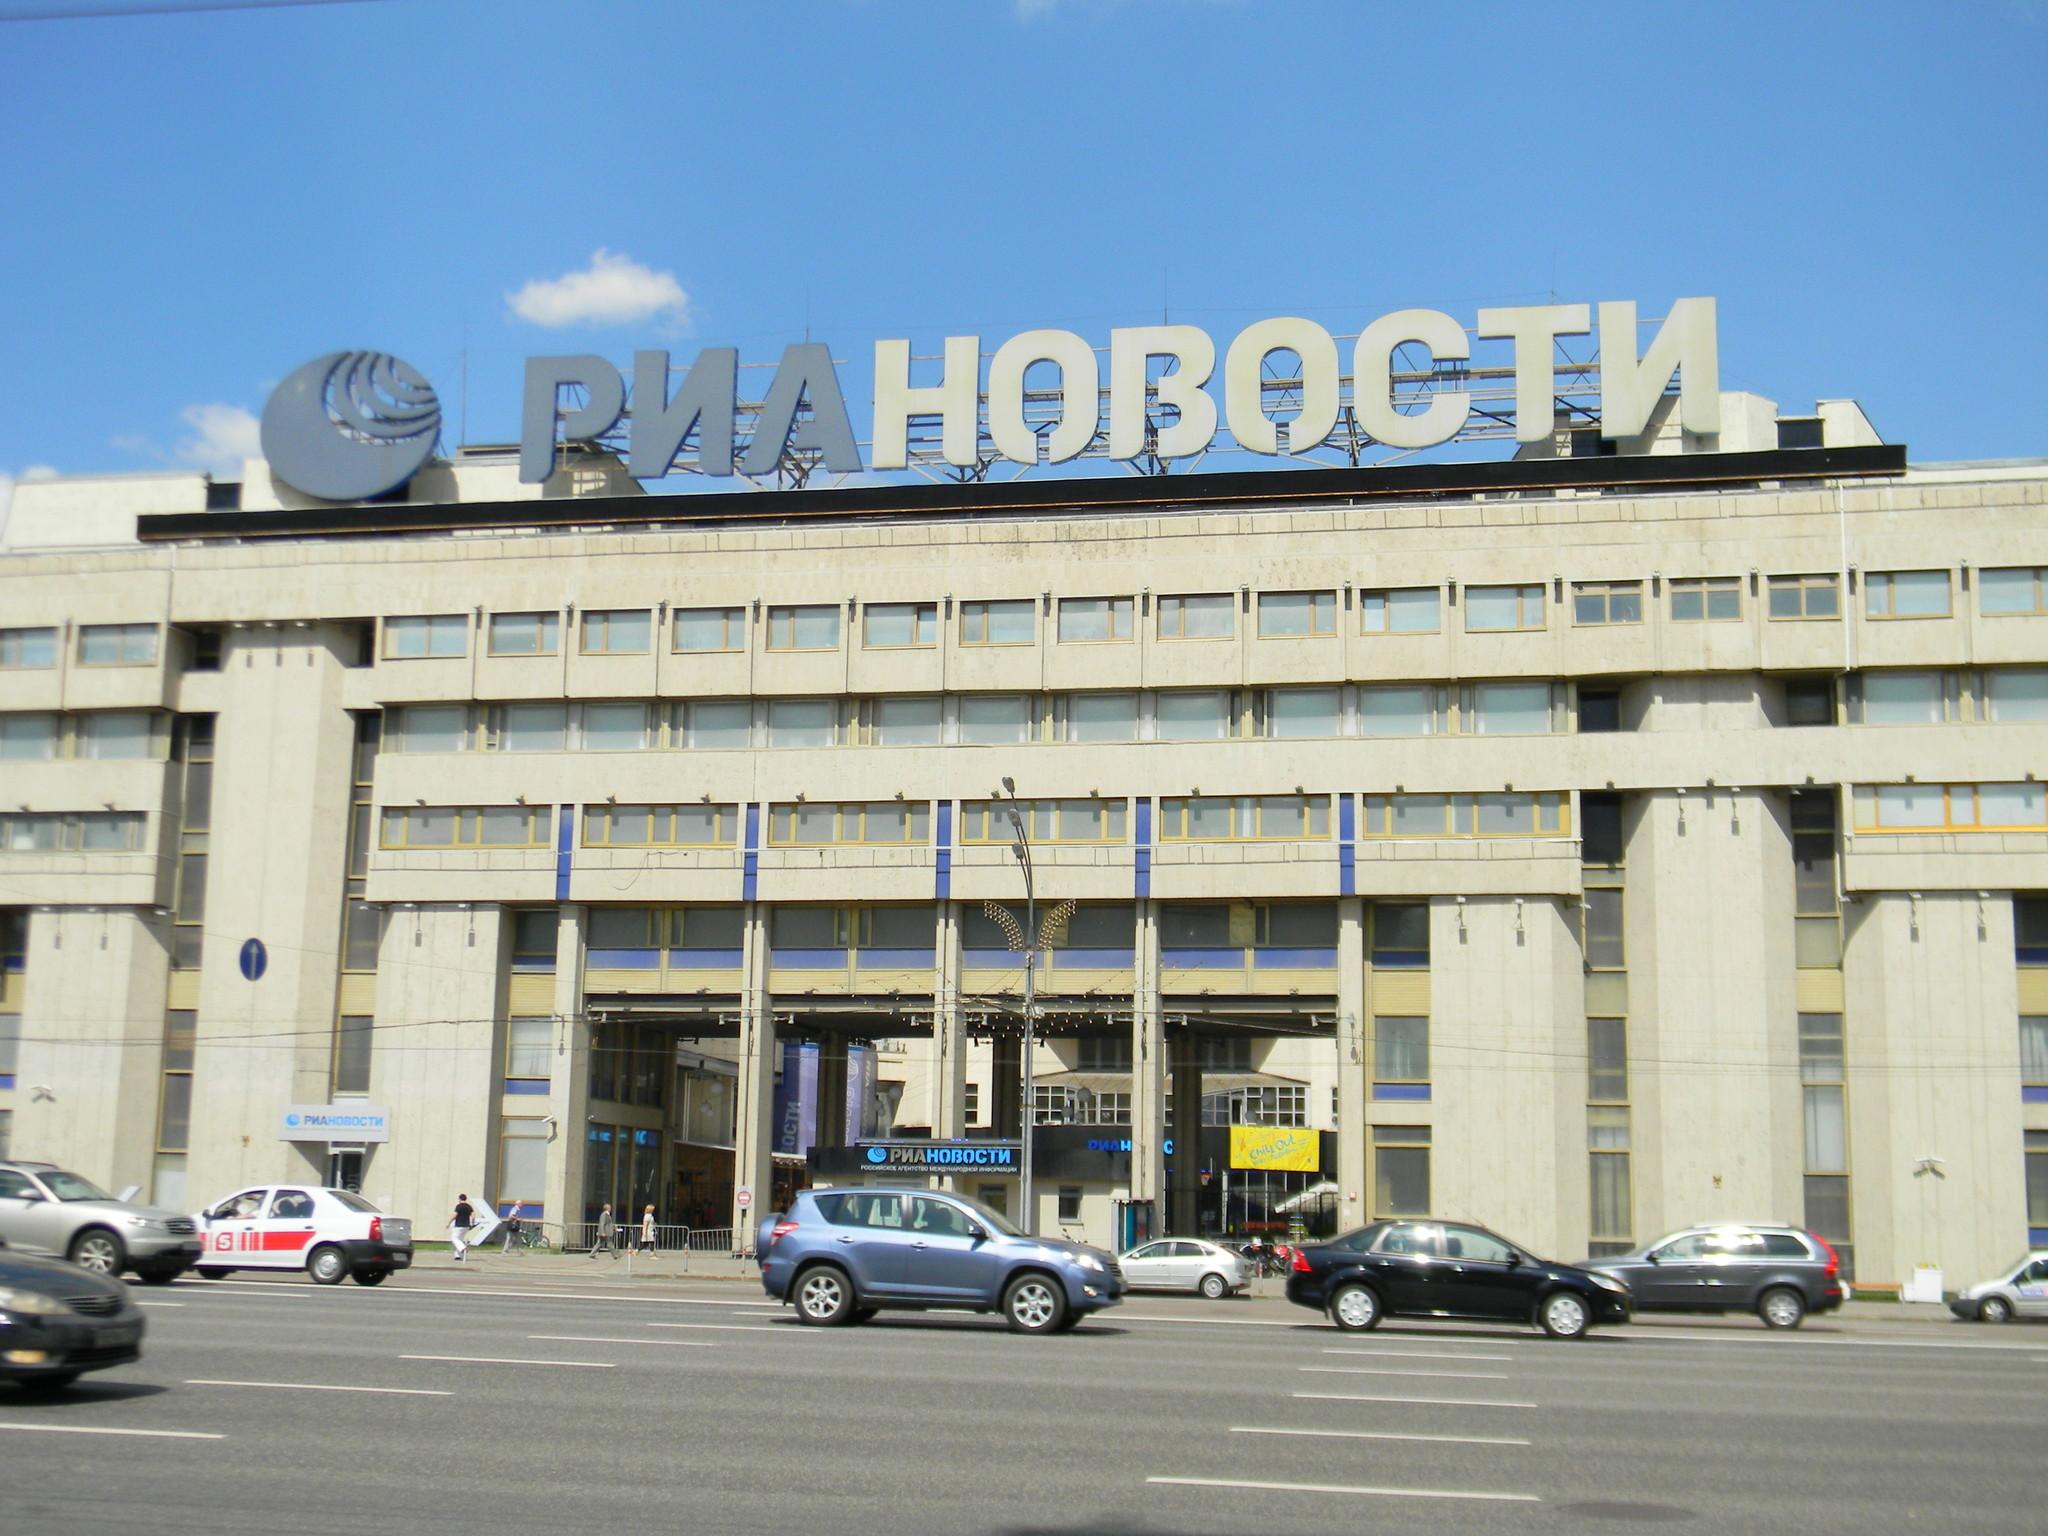 Российское агентство международной информации «РИА Новости» (Зубовский бульвар, дом 4)